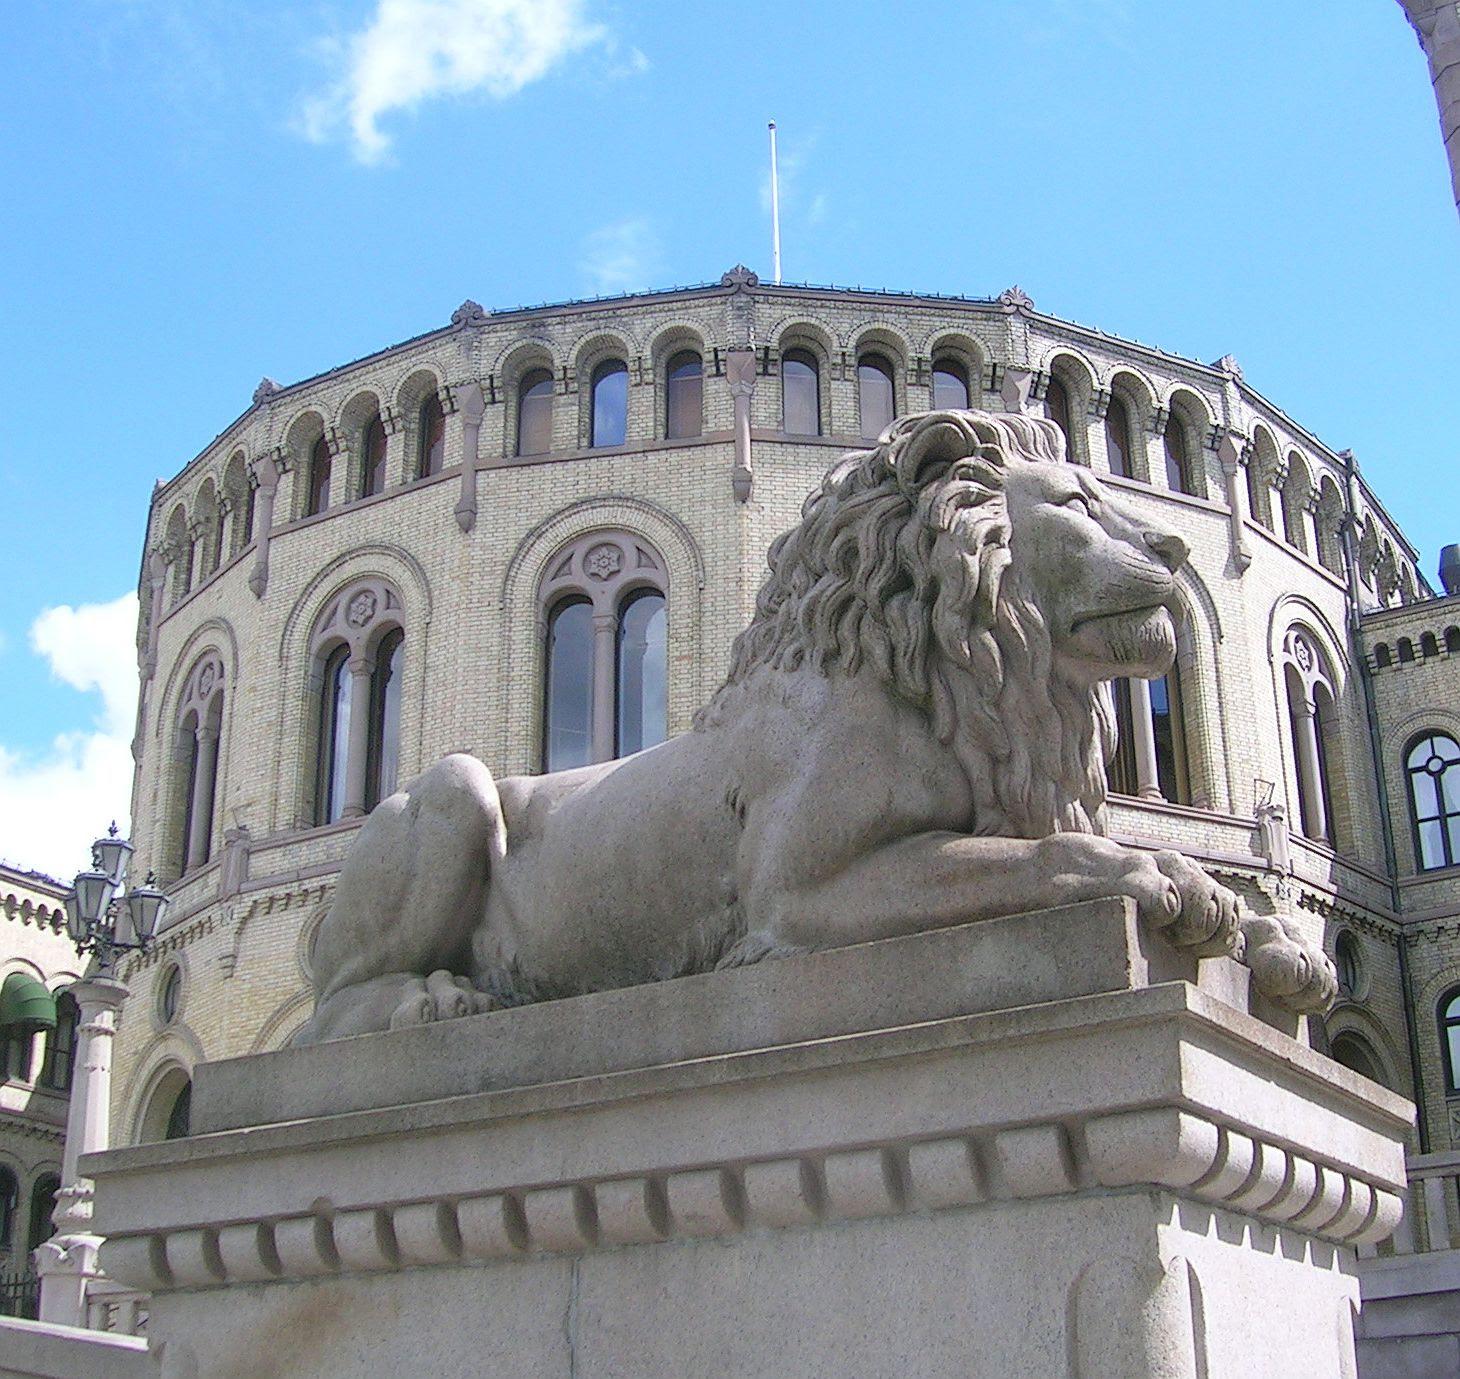 The Norwegian Parliament, Stortinget